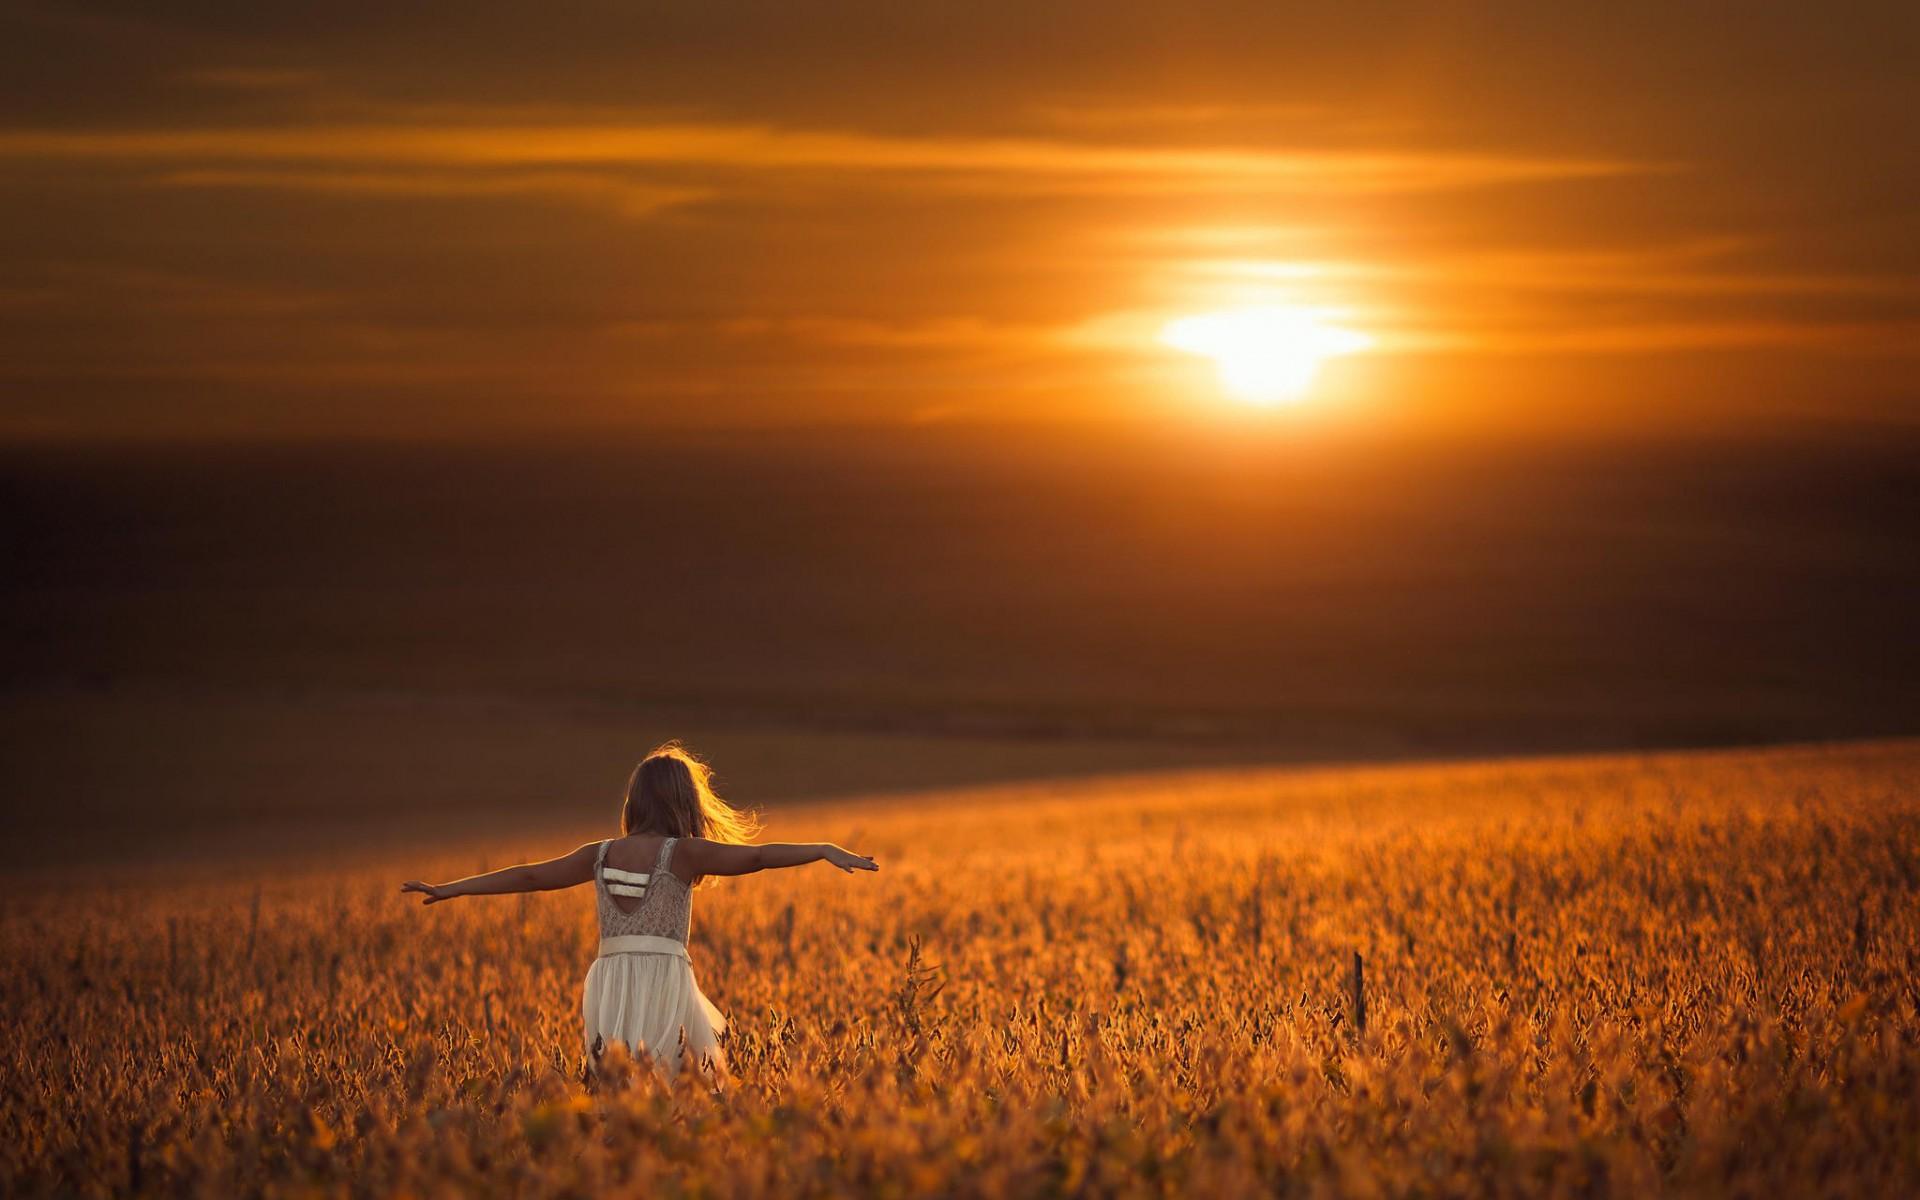 поле, пшеница, девушка